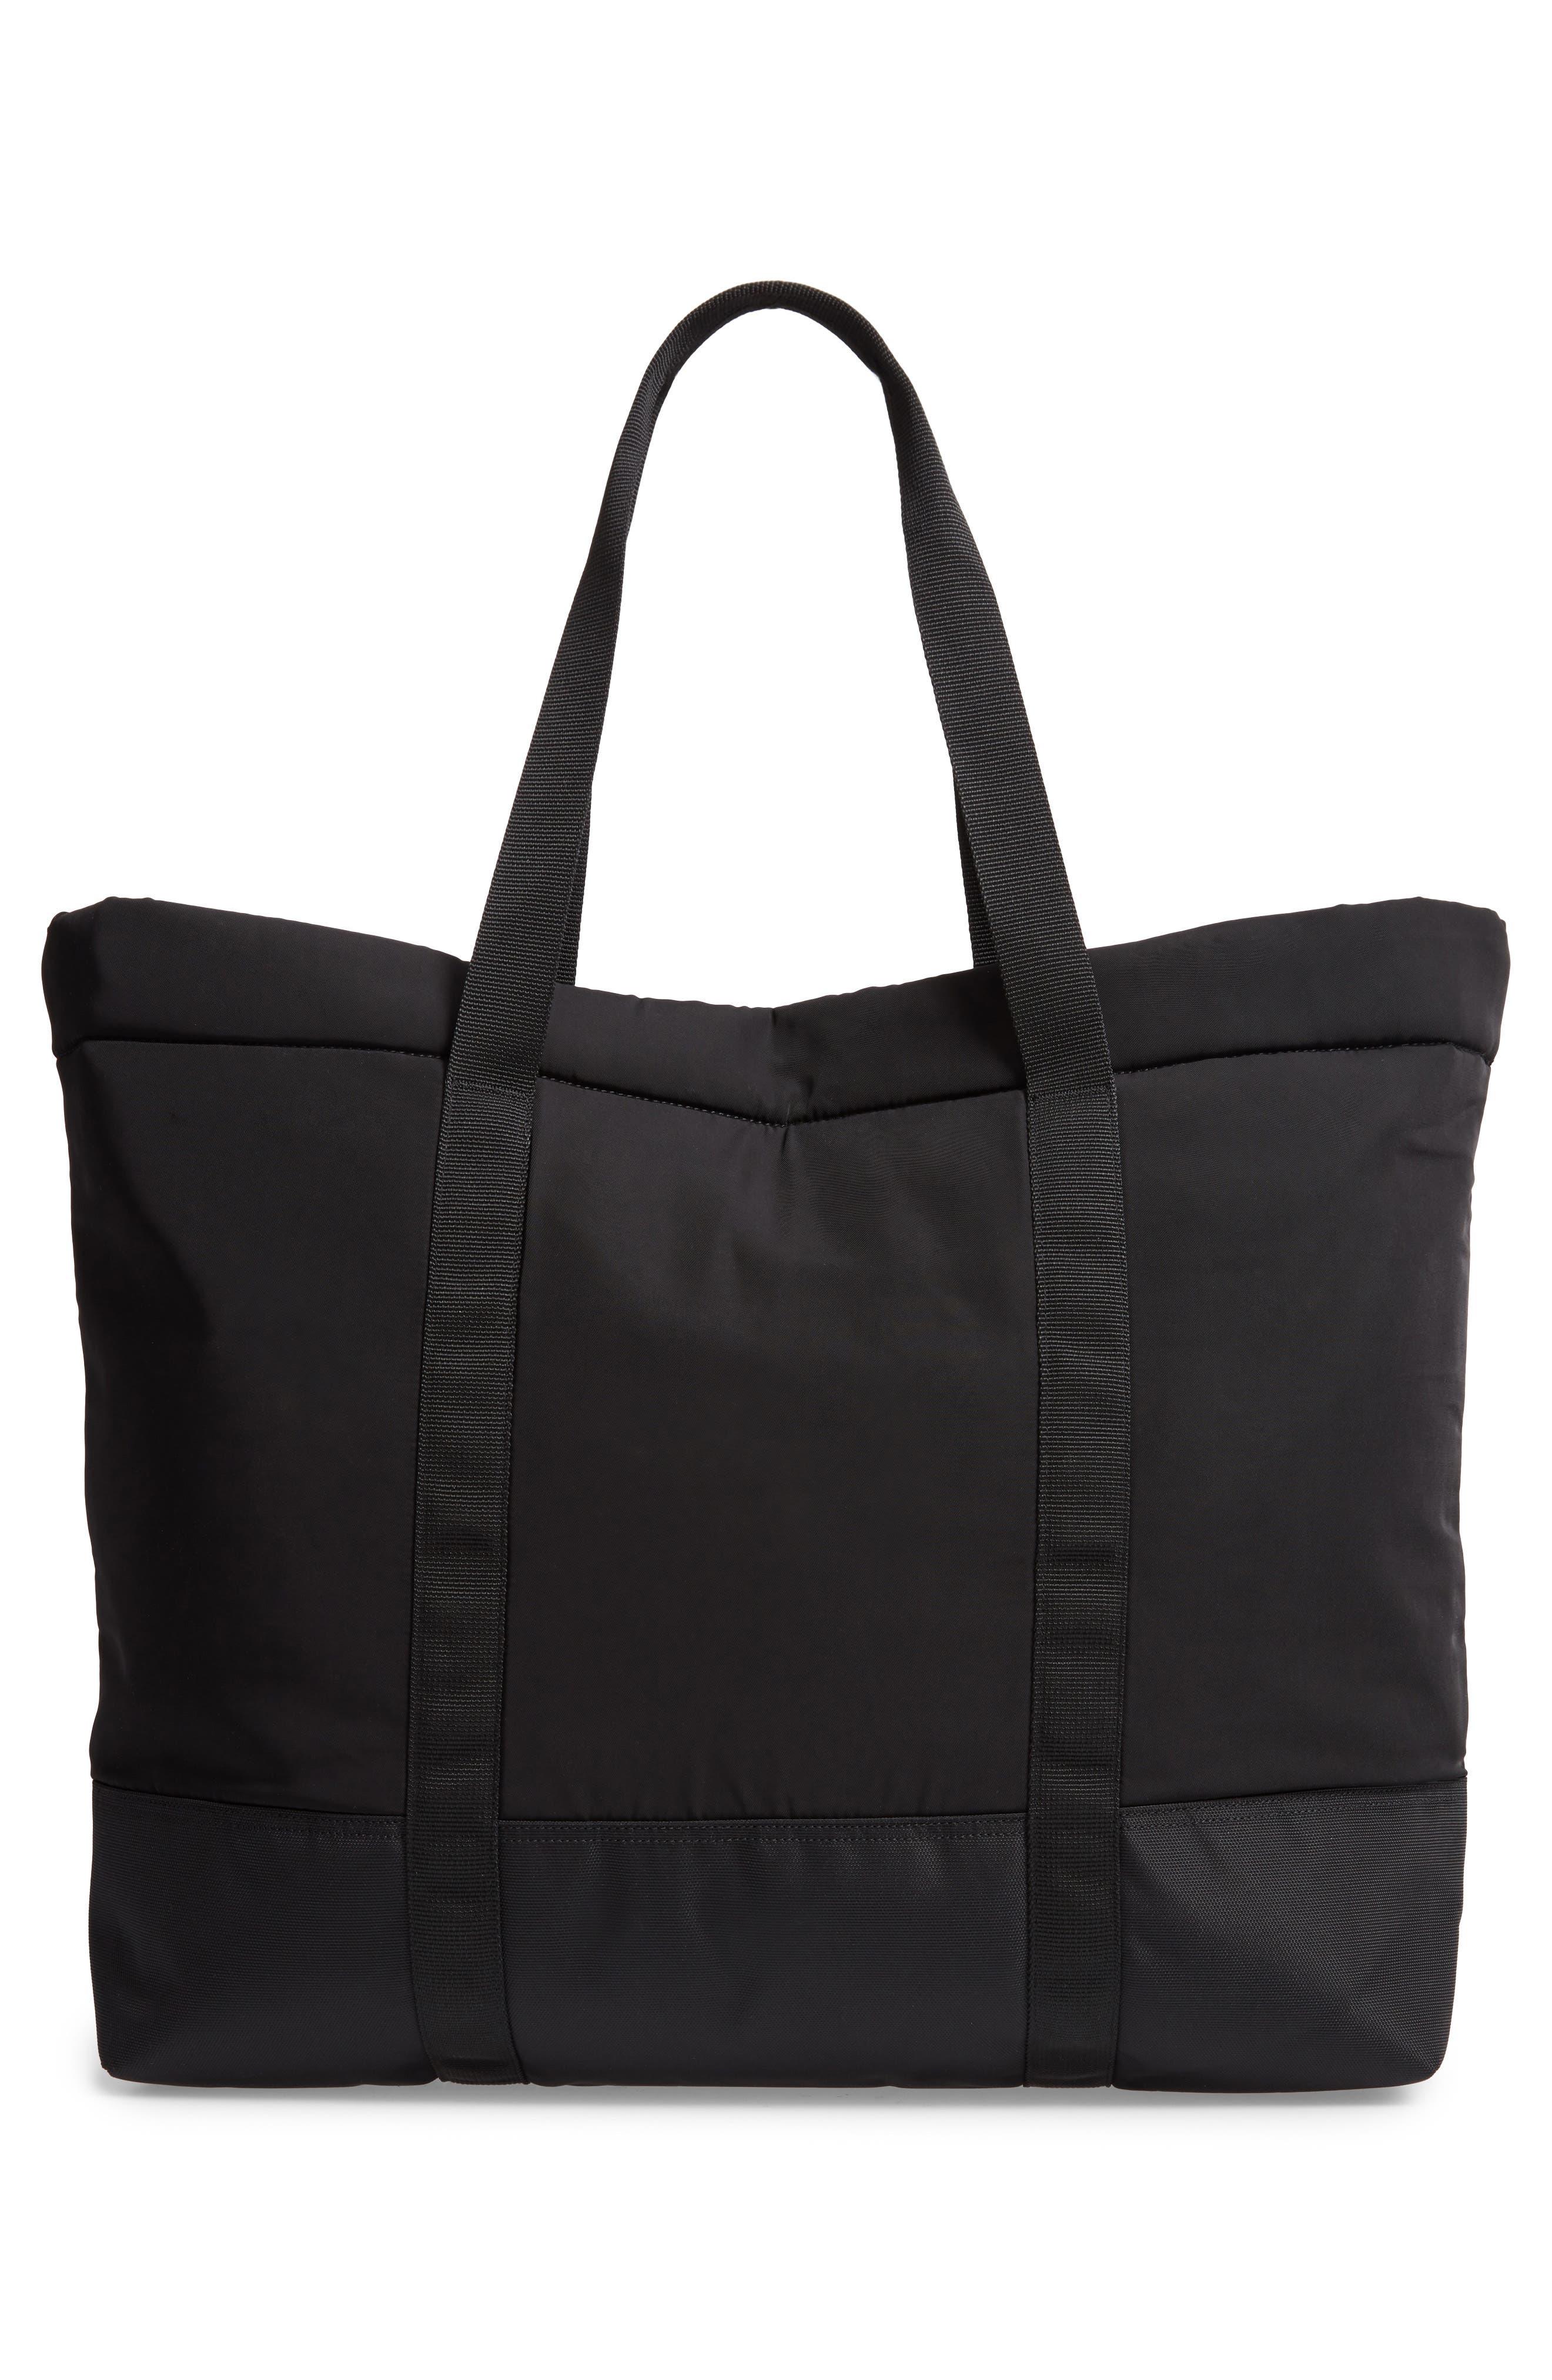 Military Shopper Tote Bag,                             Alternate thumbnail 3, color,                             BLACK / BLACK